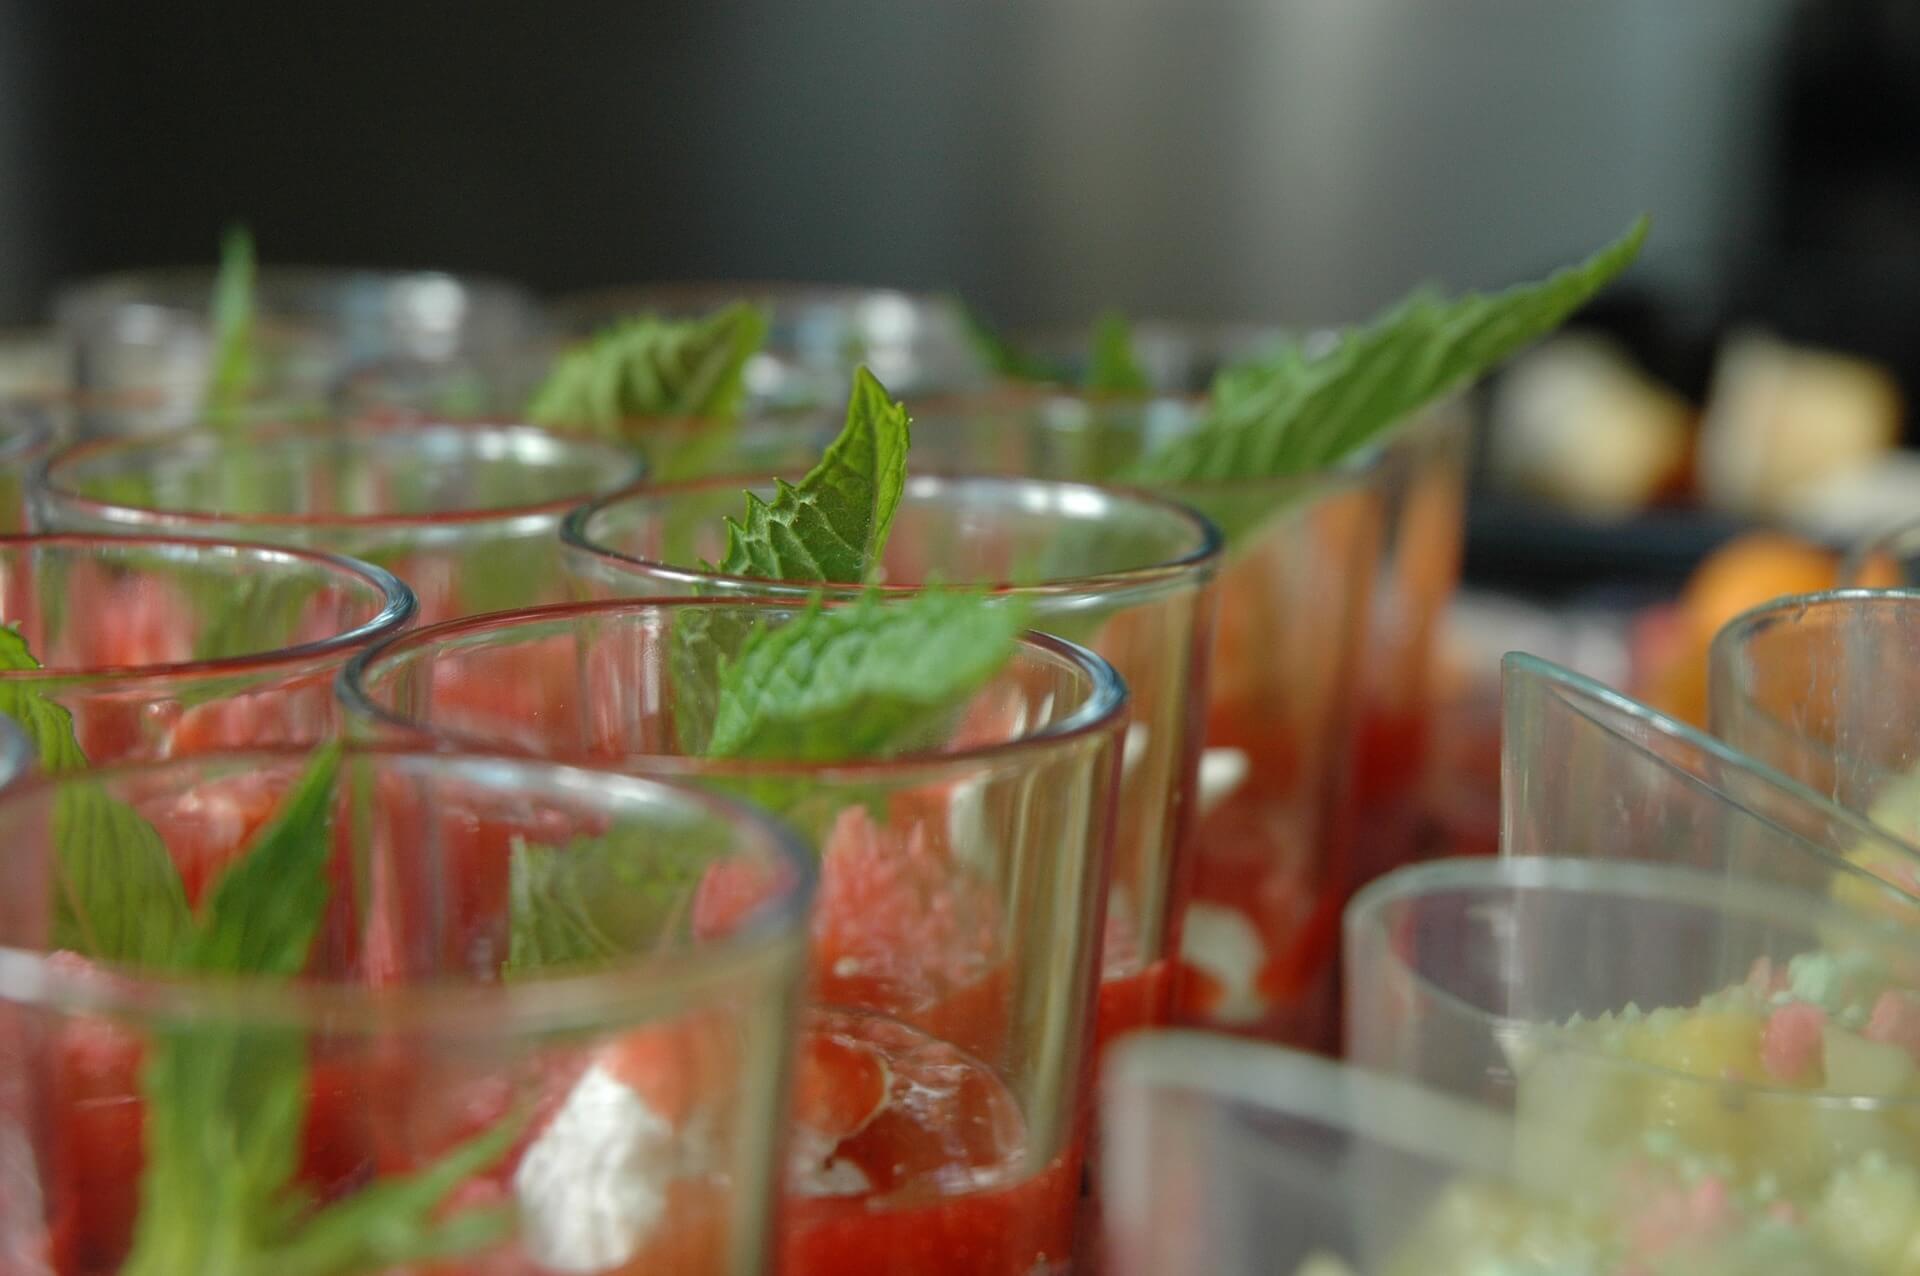 Présentation de quelques verrines de bar et Truite Fumée, avec une feuille de menthe déposée dans chaque verrine.